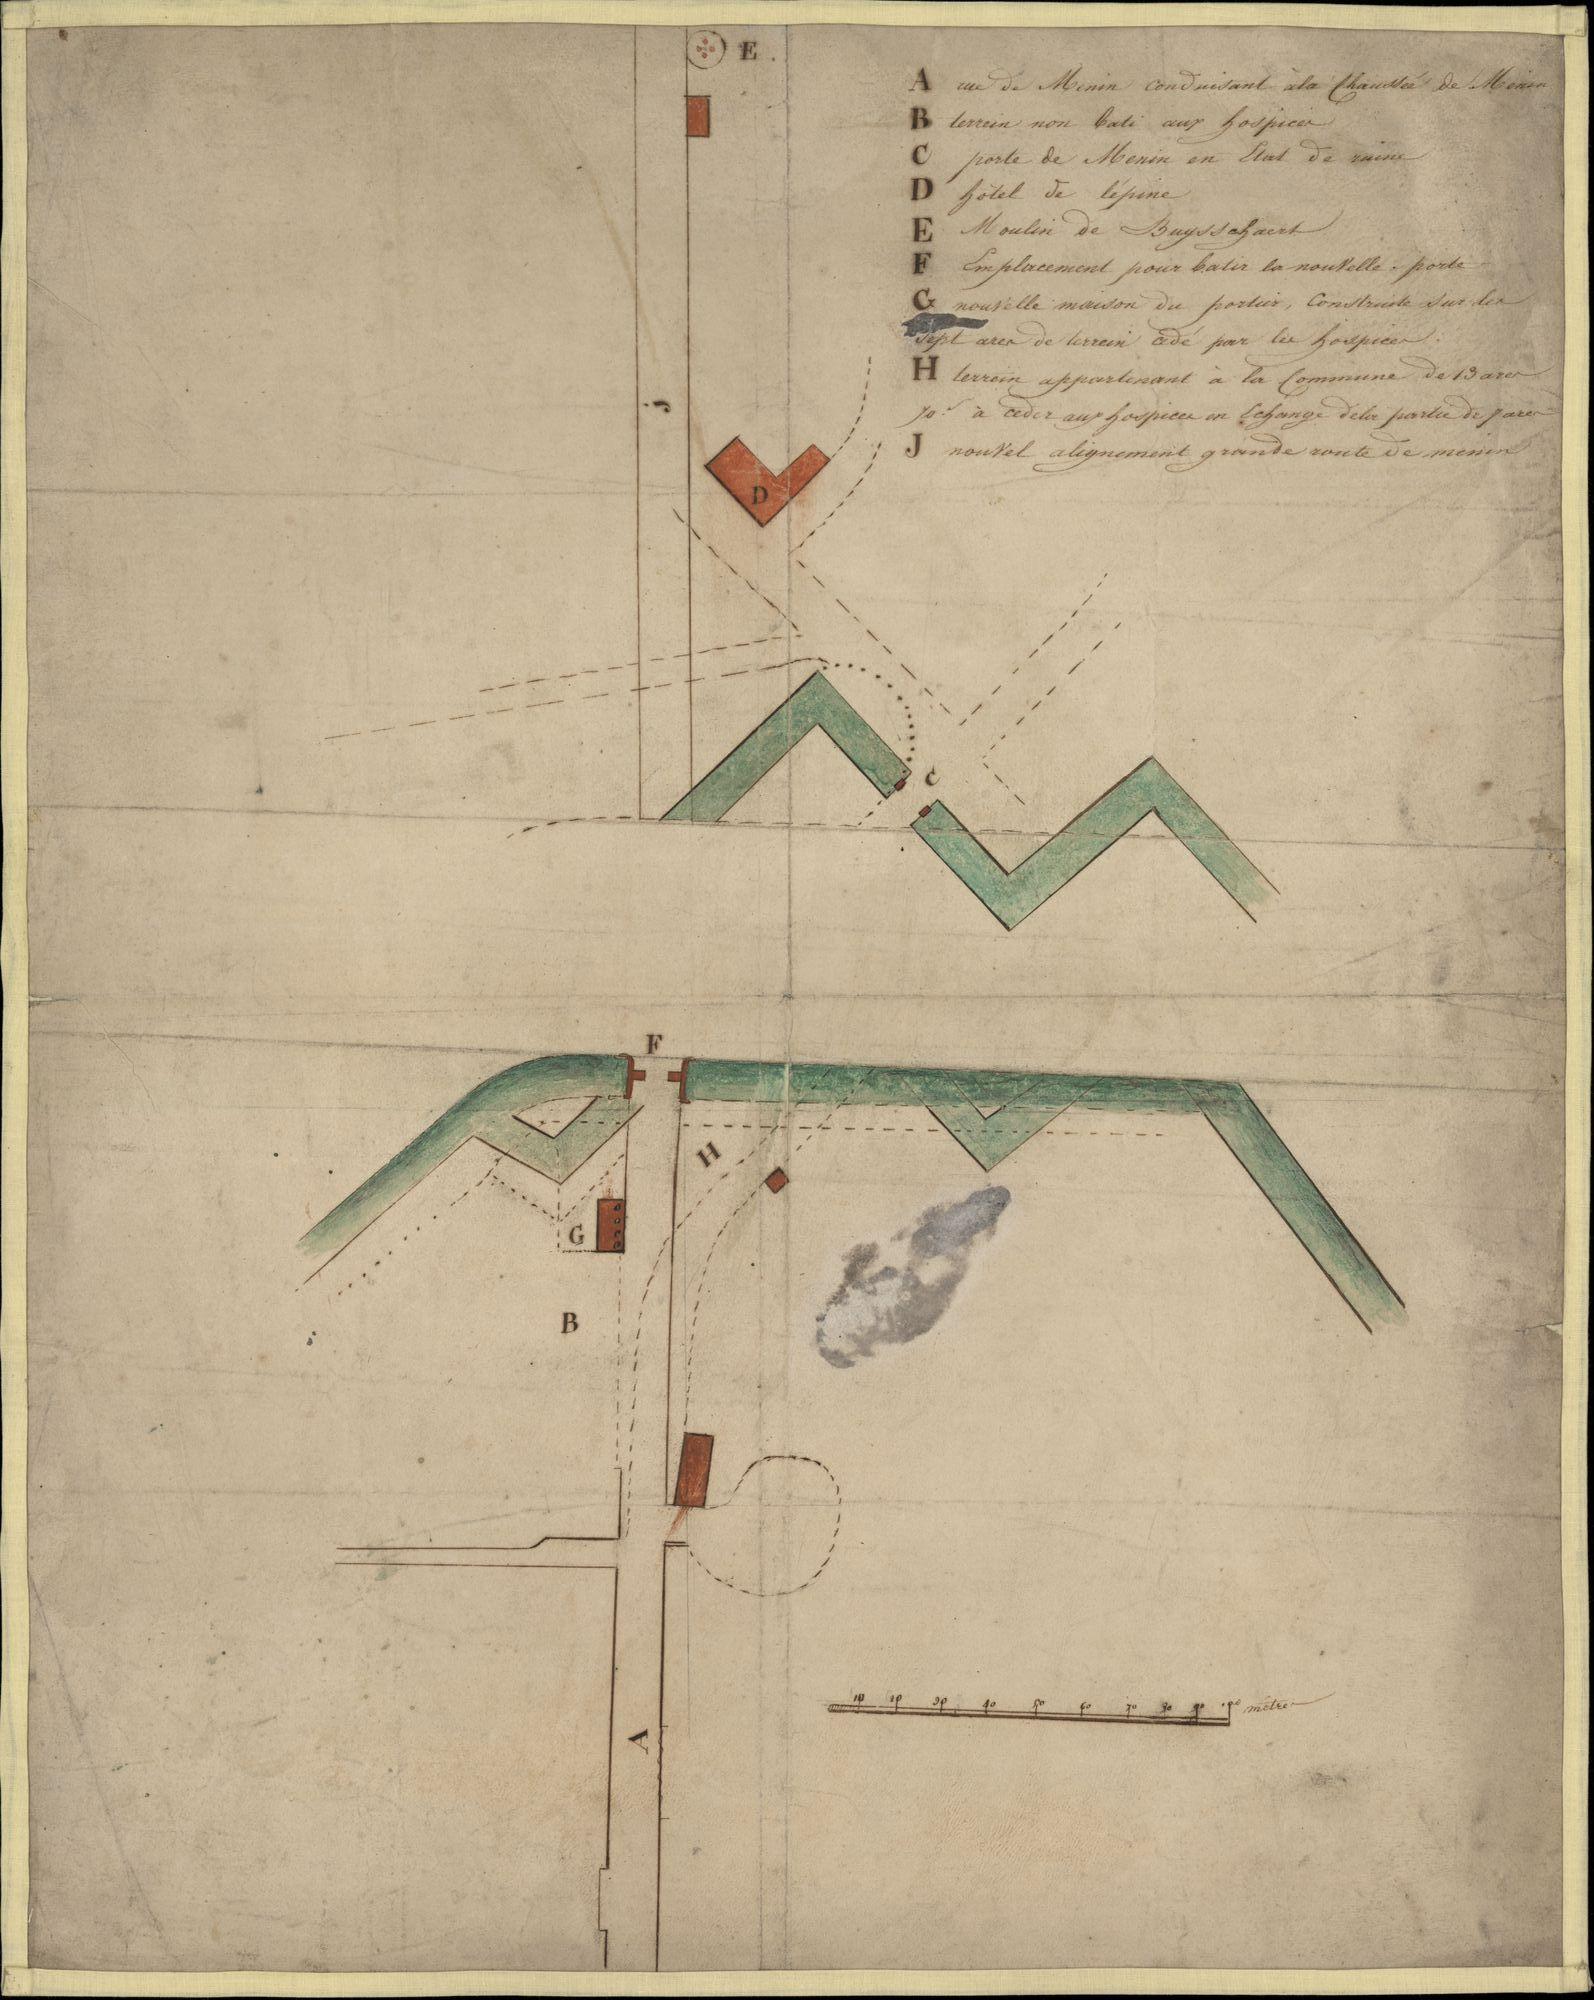 Plattegrond voor de bouw van een nieuwe Meensepoort, een huis voor de poortwachter en voor het verleggen van de Meensesteenweg te Kortrijk, ± 1825